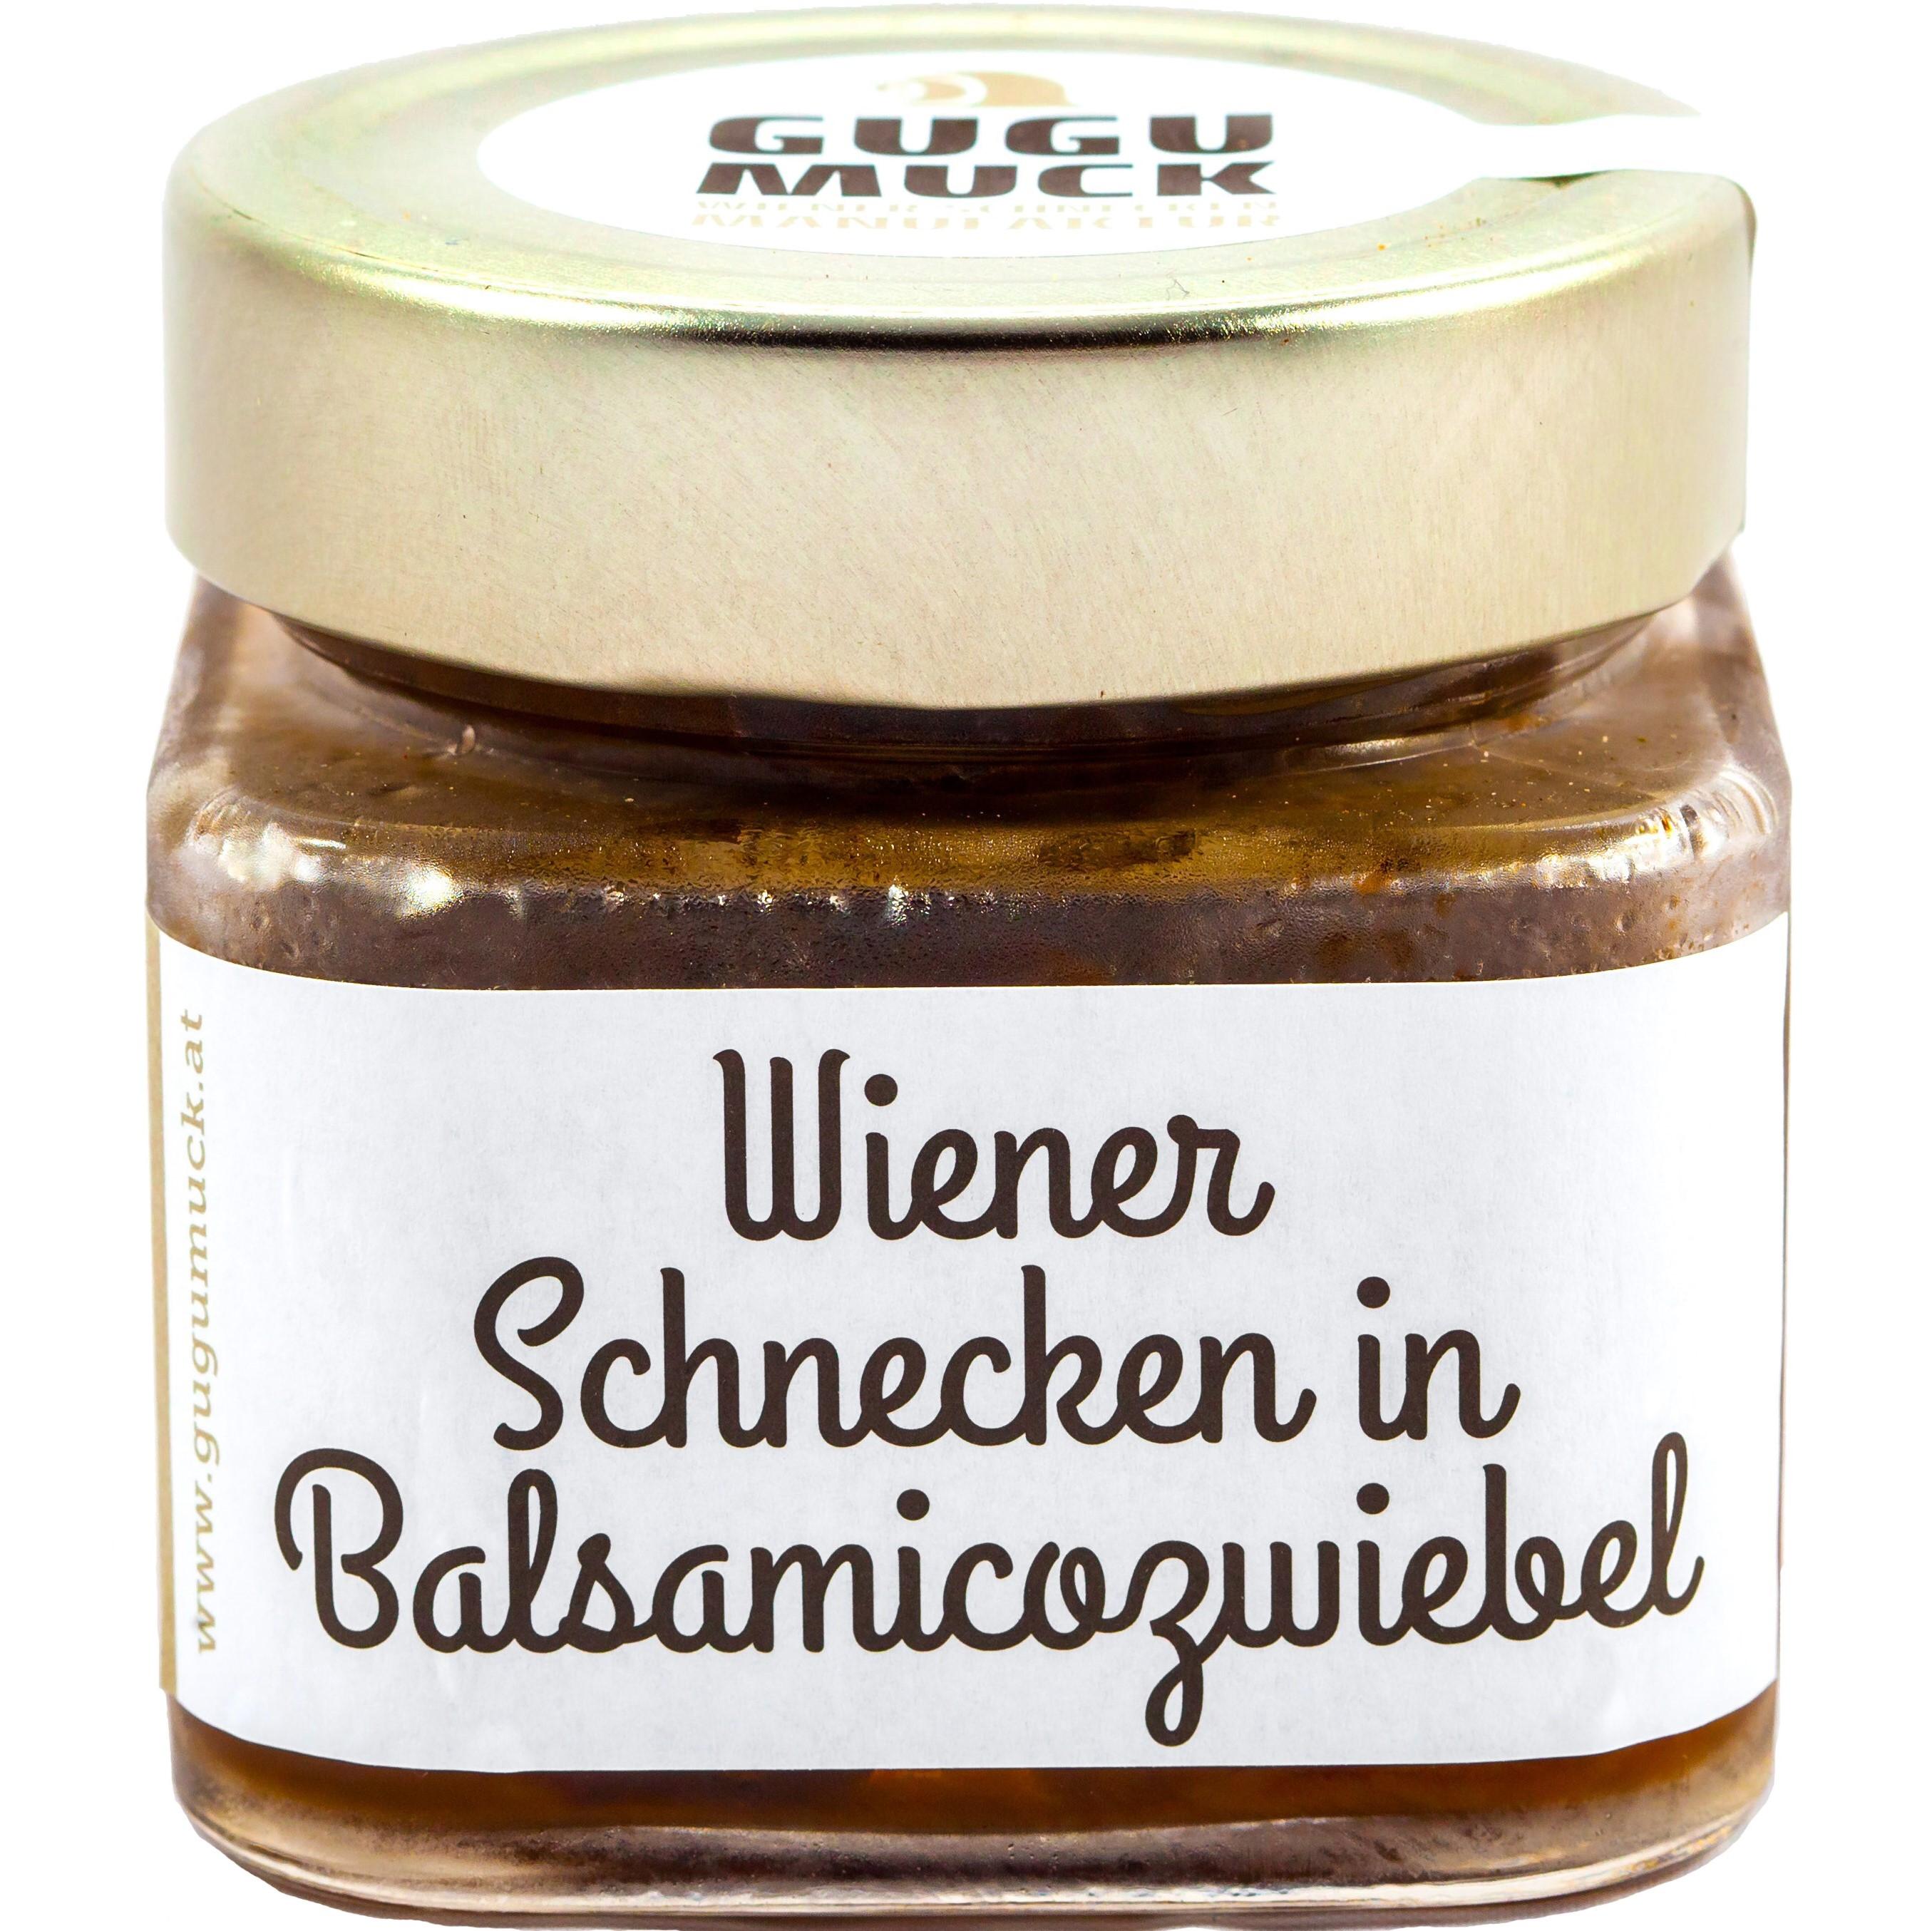 Schnecken in Balsamicozwiebel von Gugumuck